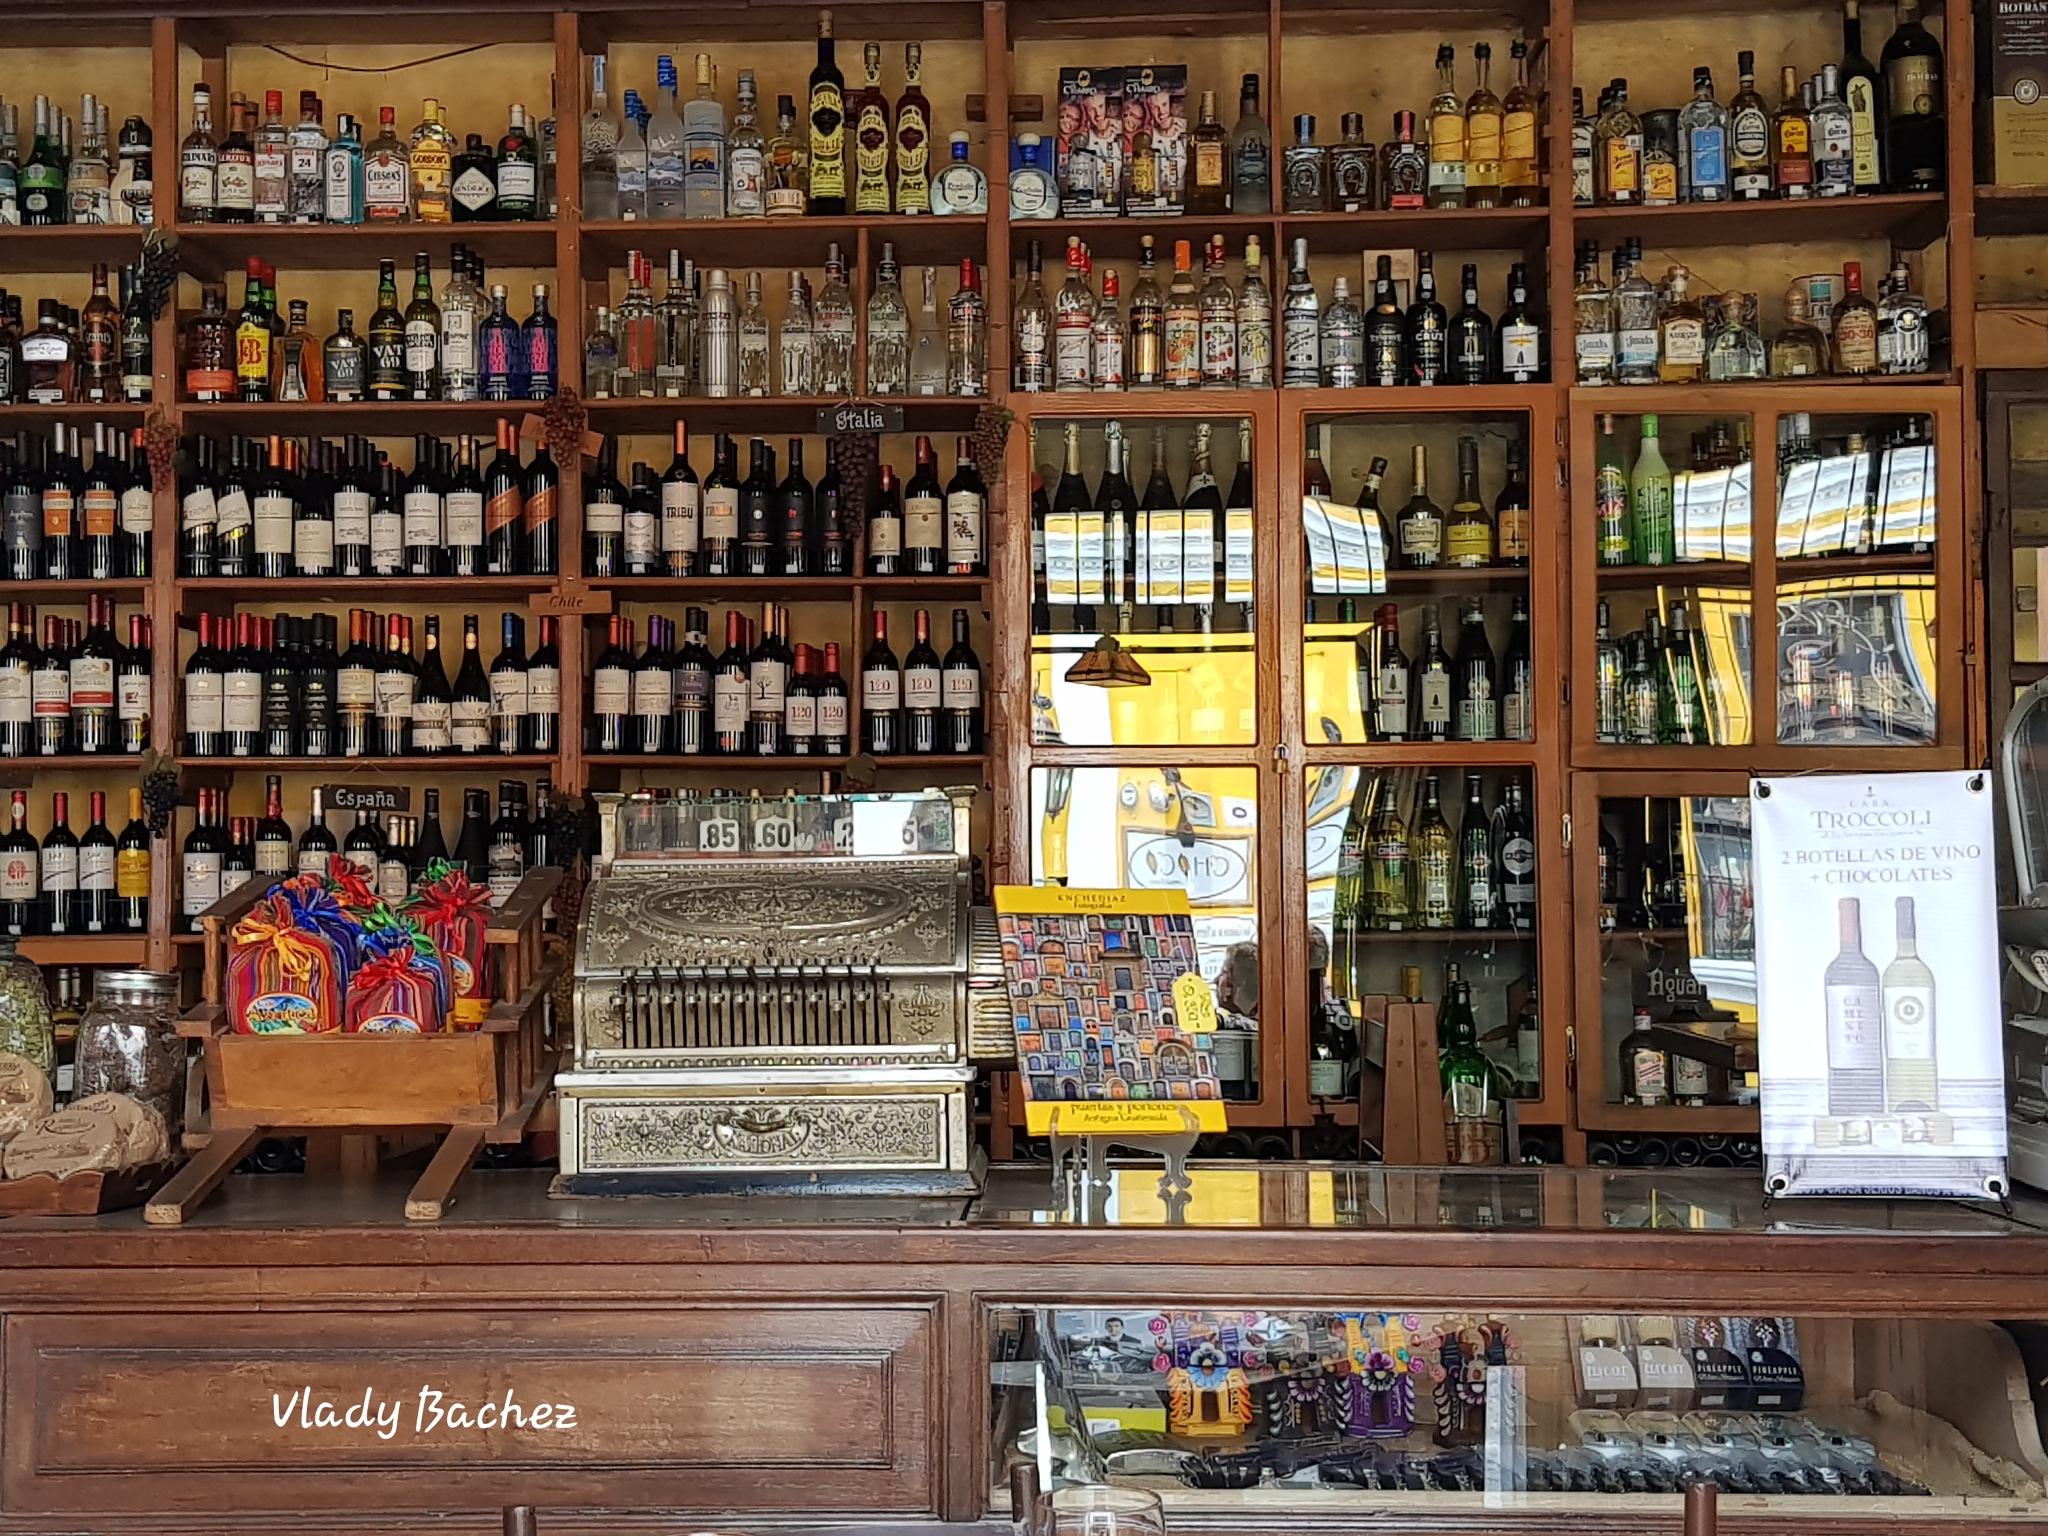 Tienda de Antaño by vladybachez